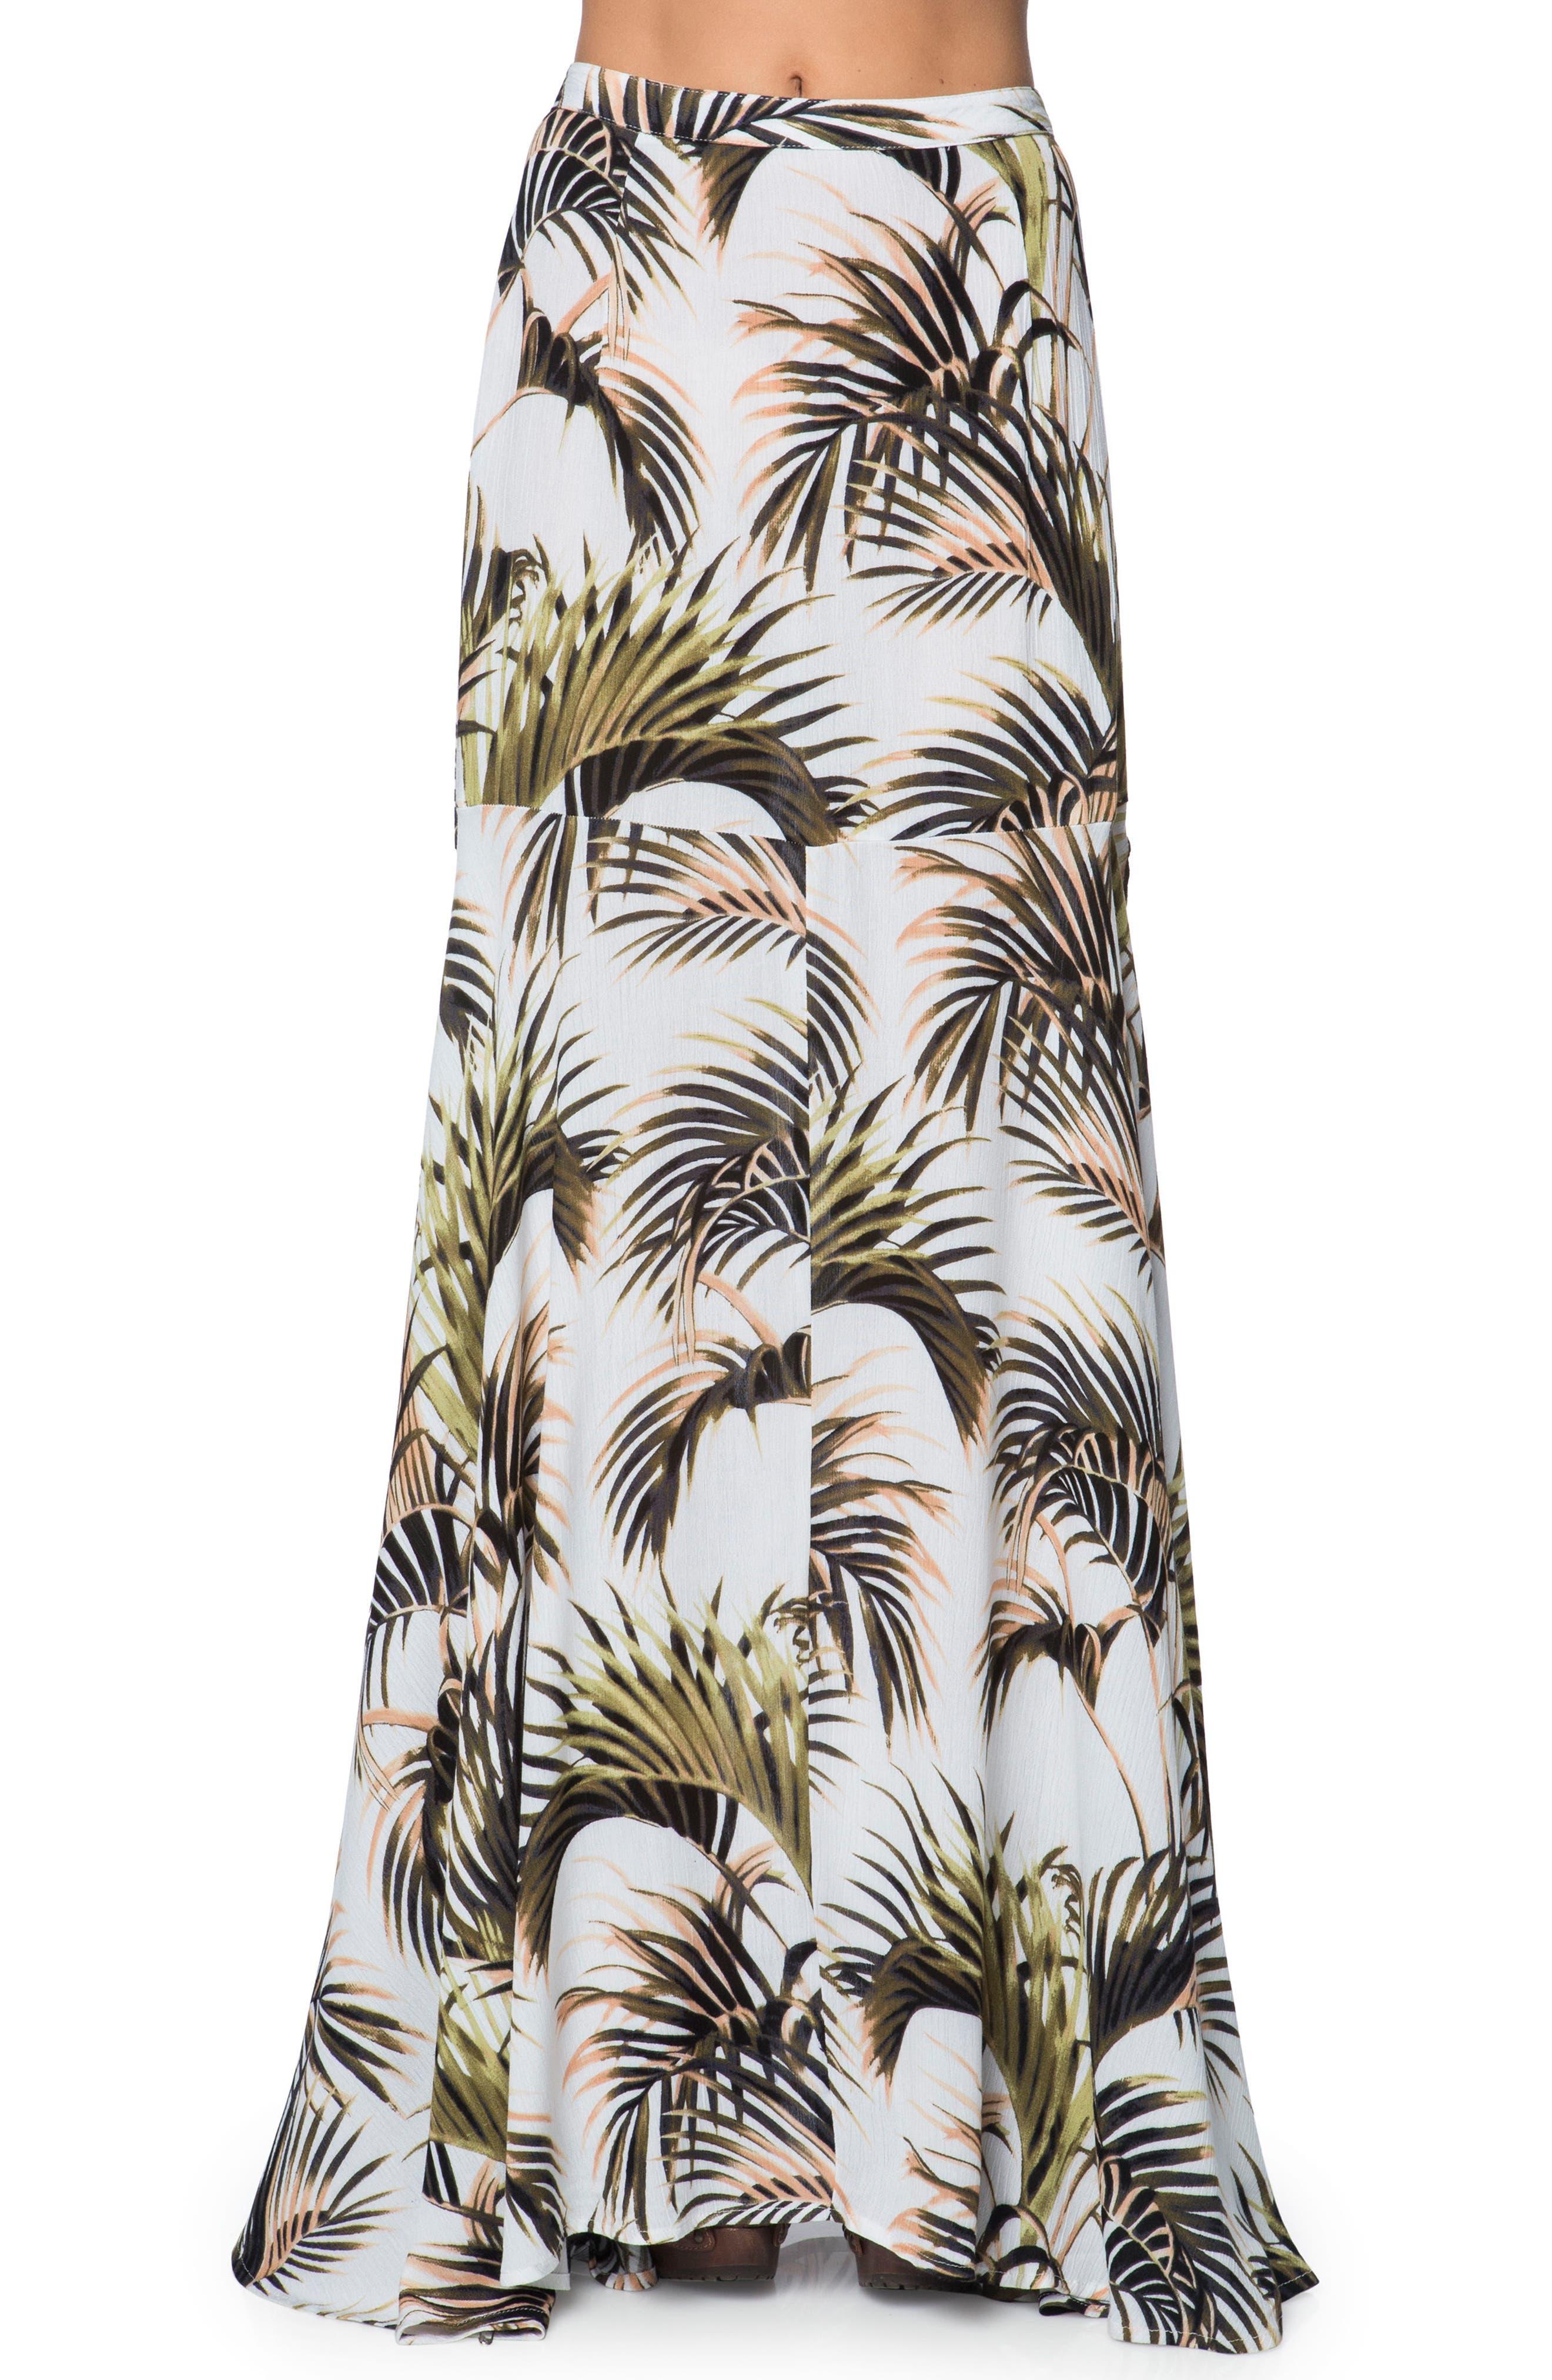 Alternate Image 1 Selected - O'Neill Nosara Slit Maxi Skirt